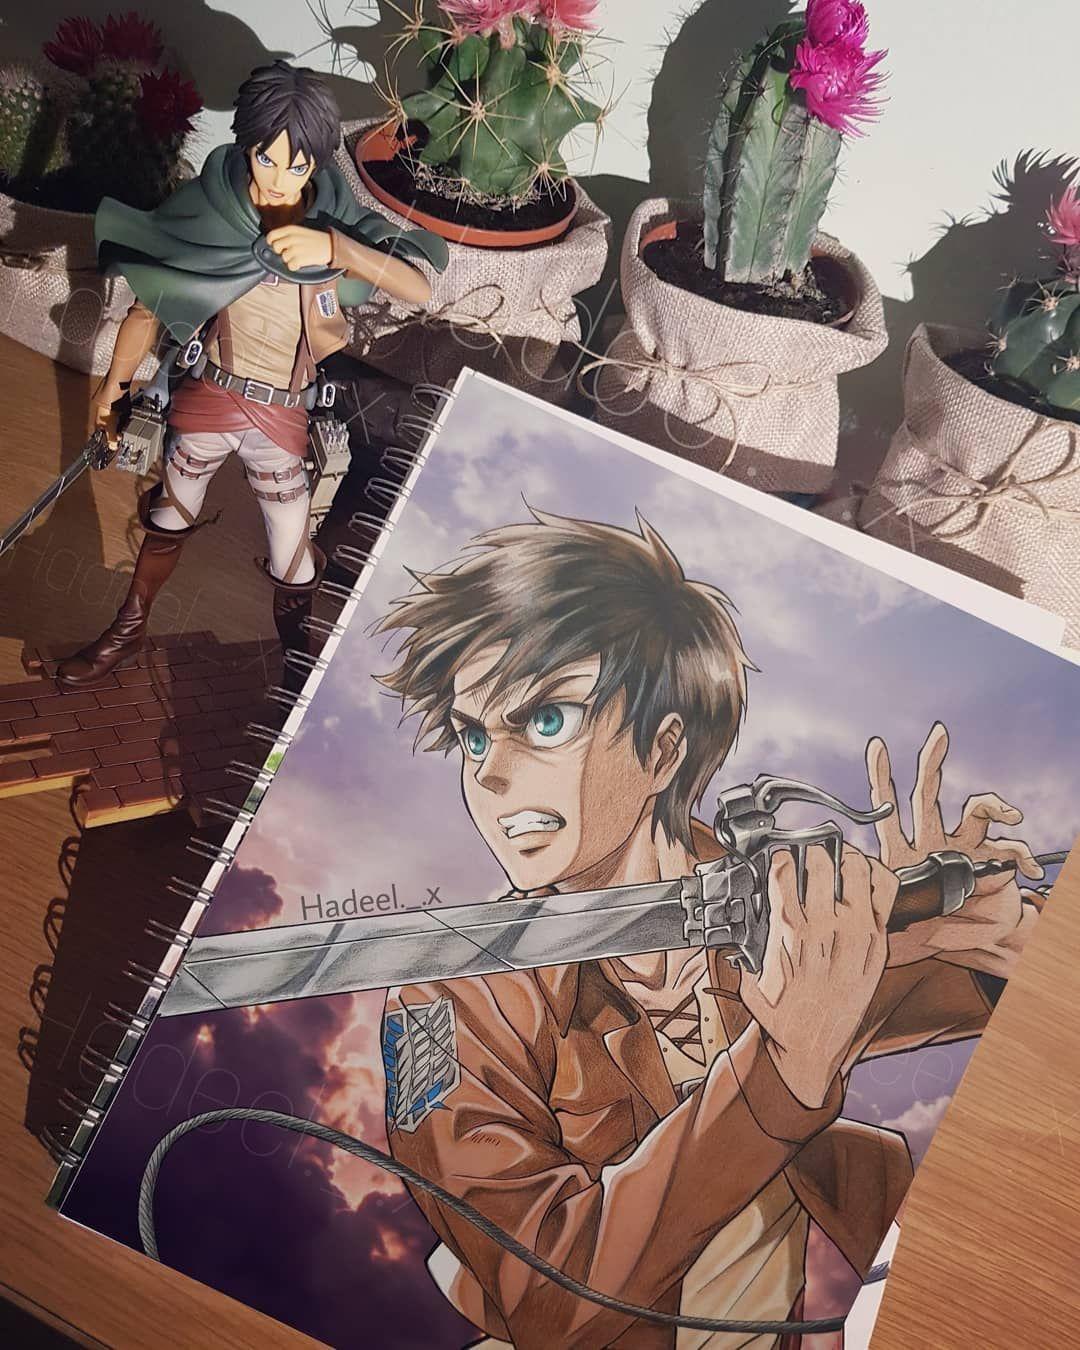 رسمة ايرين ييغر استخدمت فيها الوان بروماركر و فوقها الوان فايبر كاستل دمج خلفيه ايش افضل شخصية بالنسبة لكم من هجو Art Character Zelda Characters